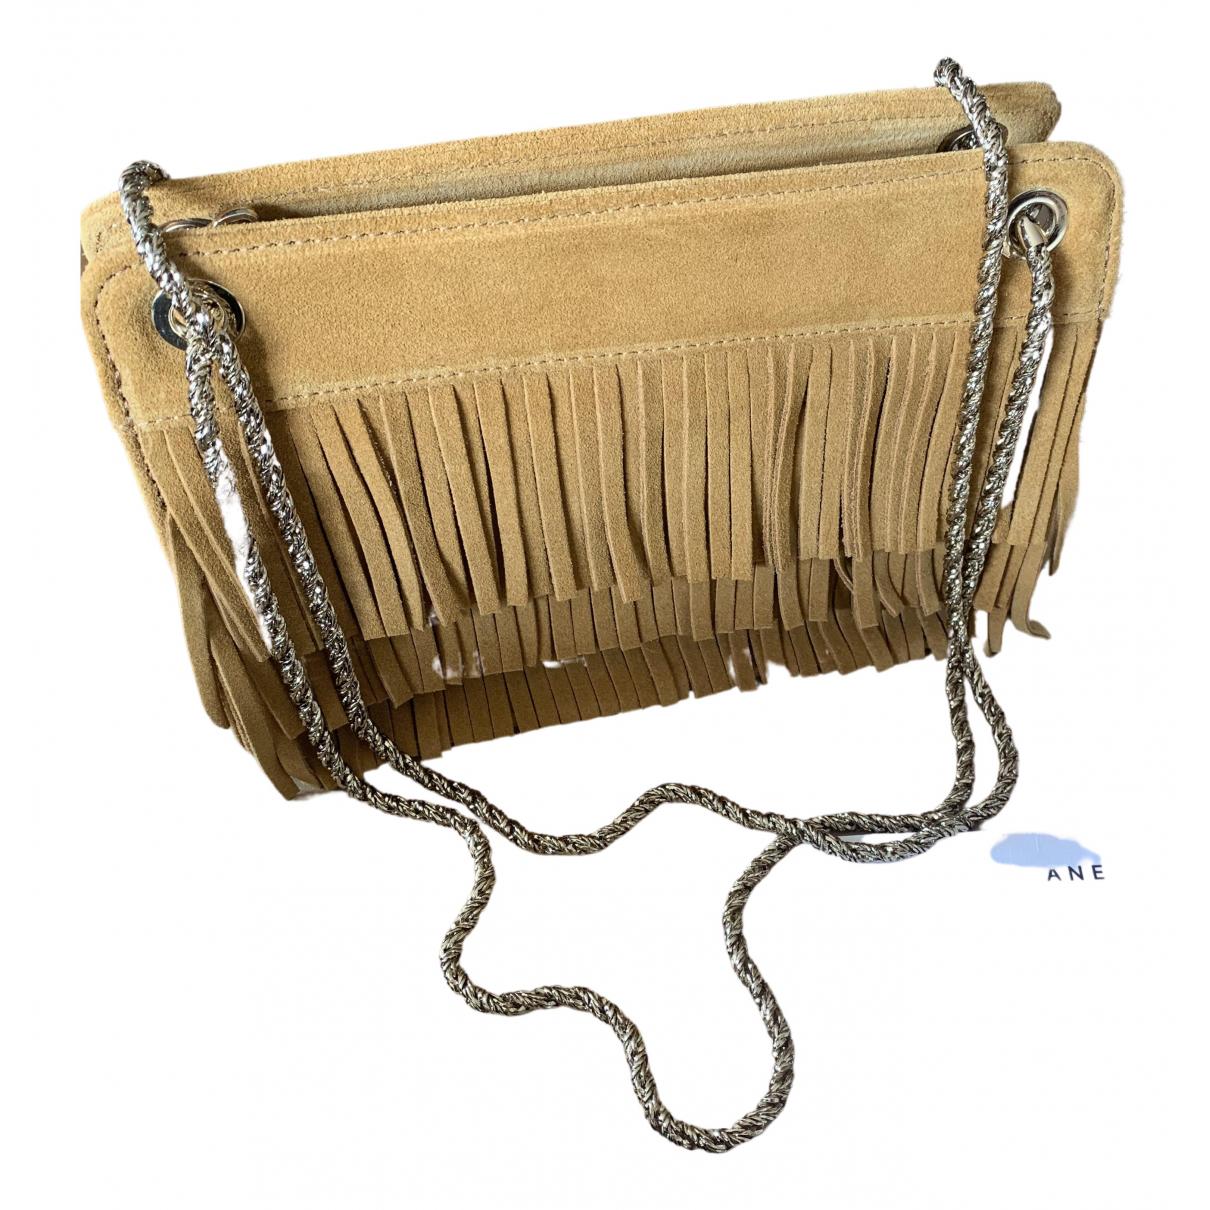 Sezane \N Handtasche in  Gelb Leder